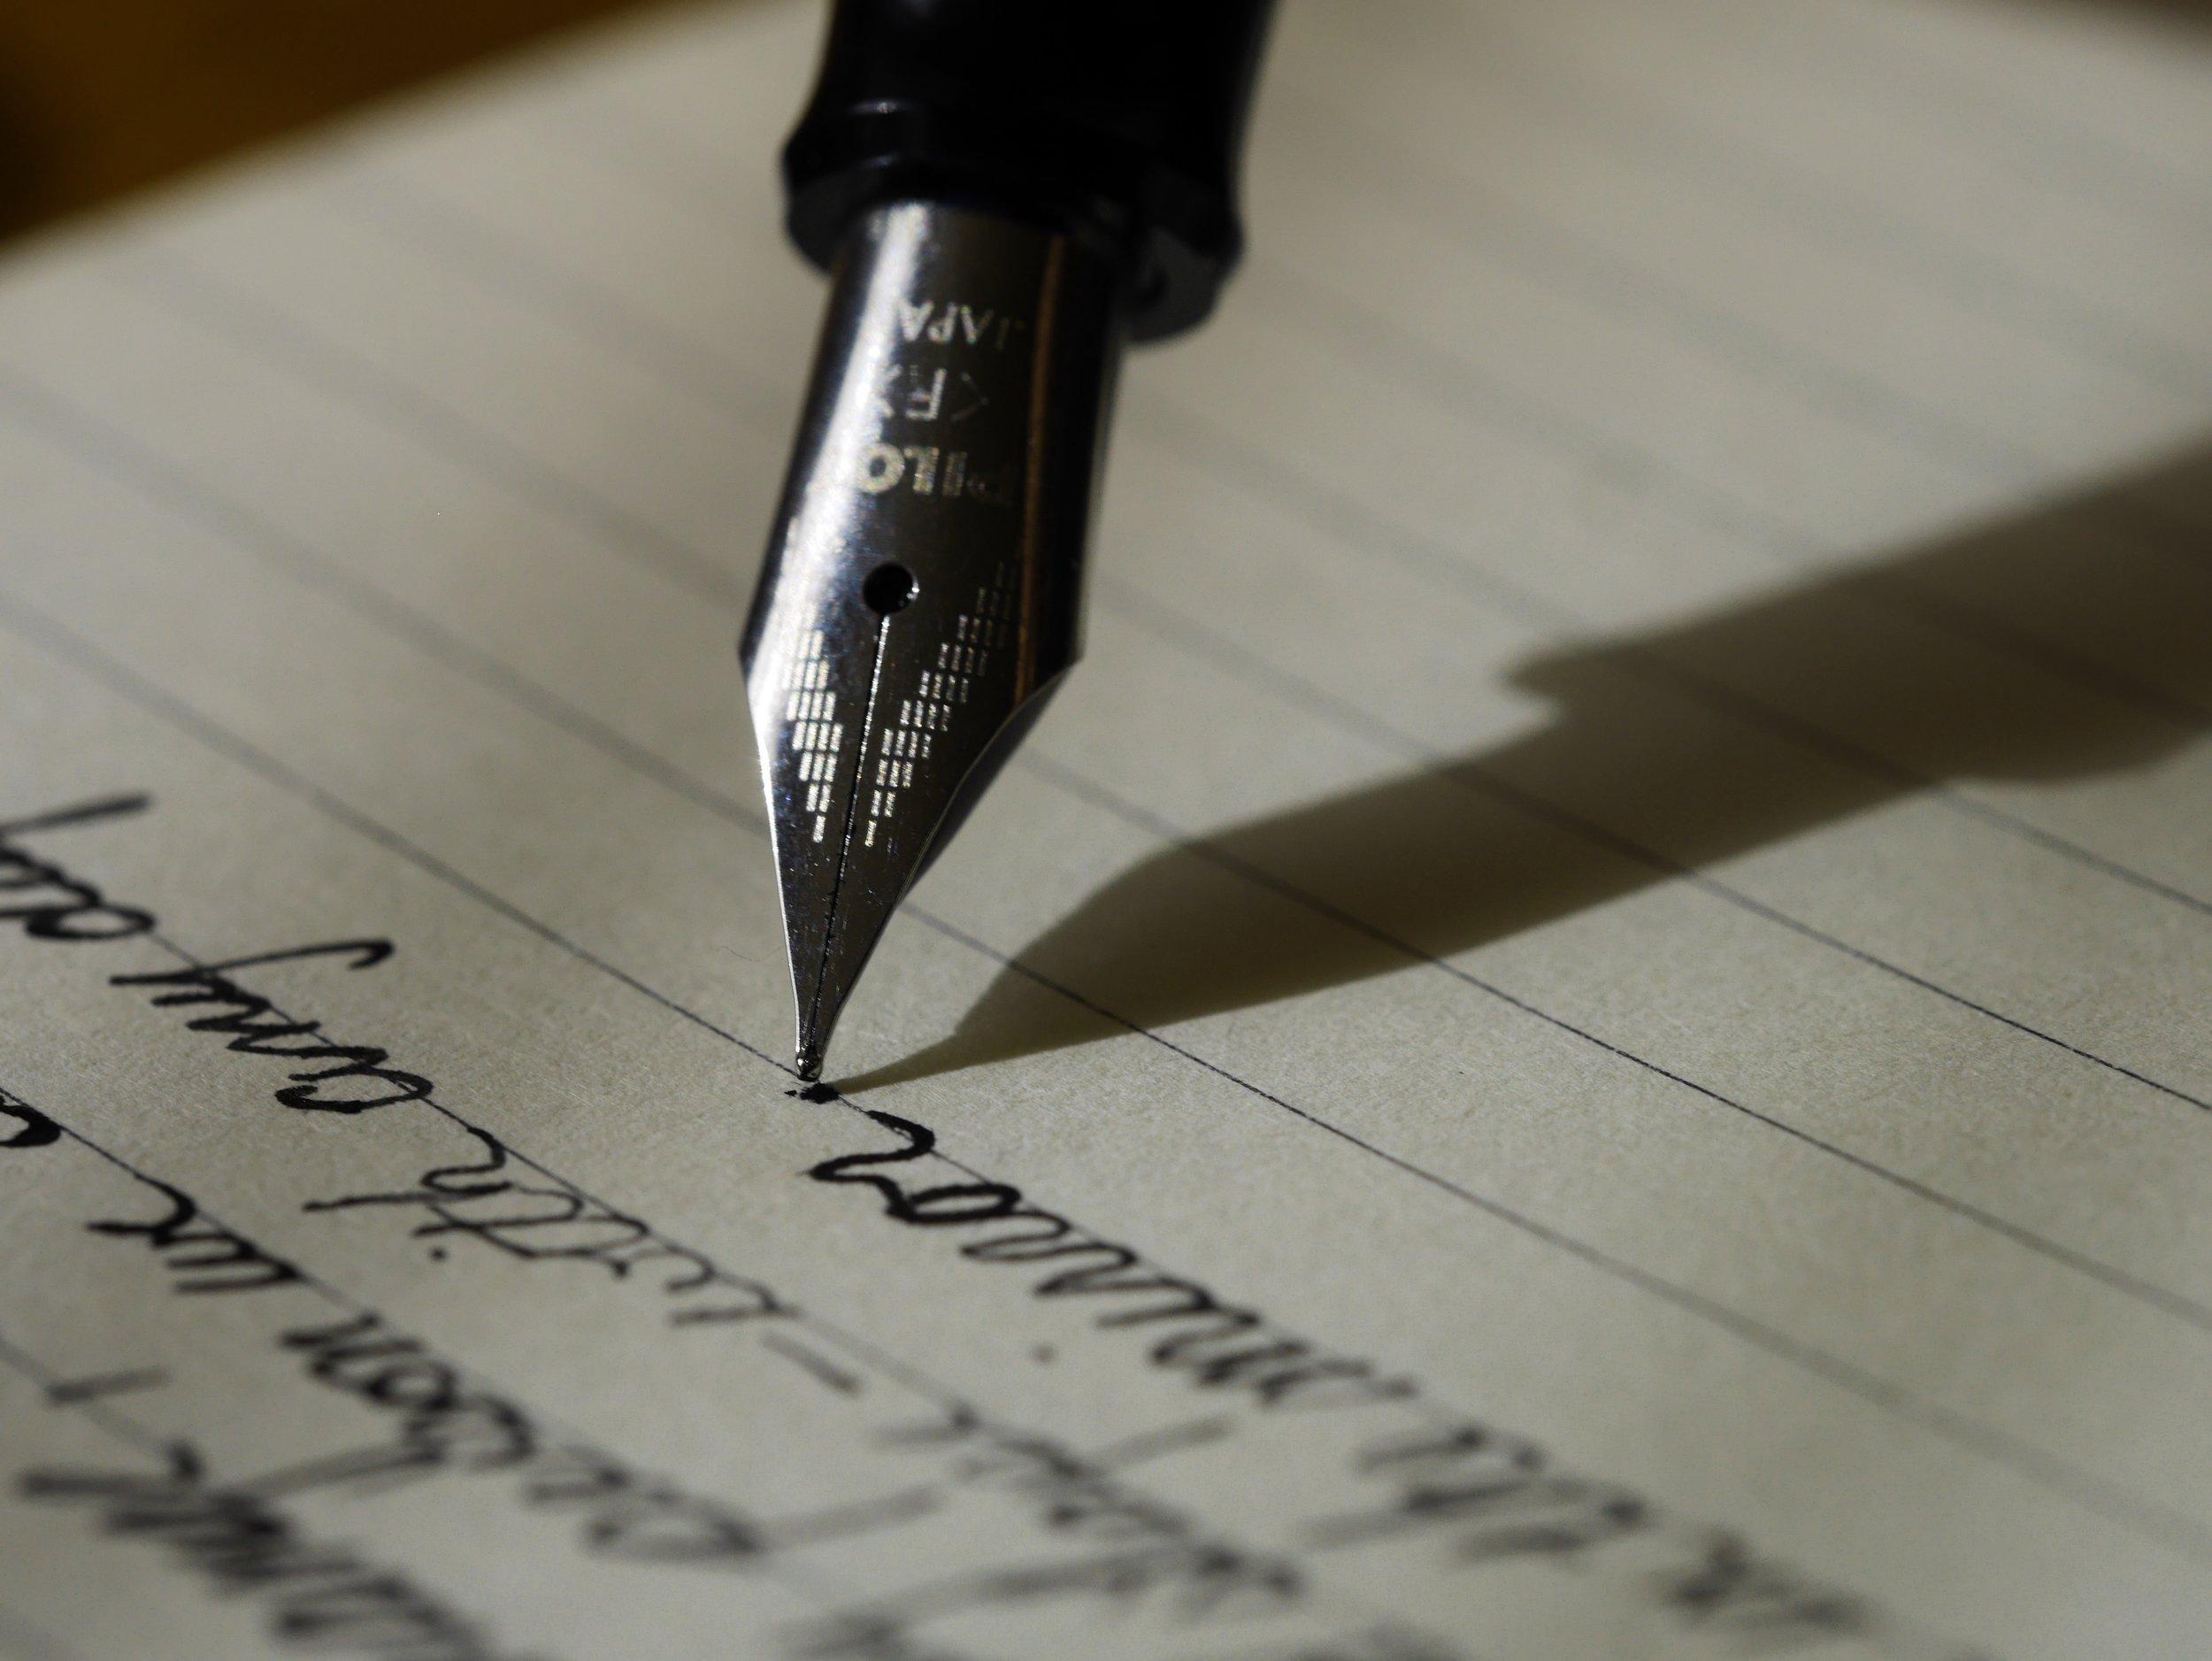 fountain-pen-writing-quotes-notebook-aaron-burden-64849-unsplash.jpg